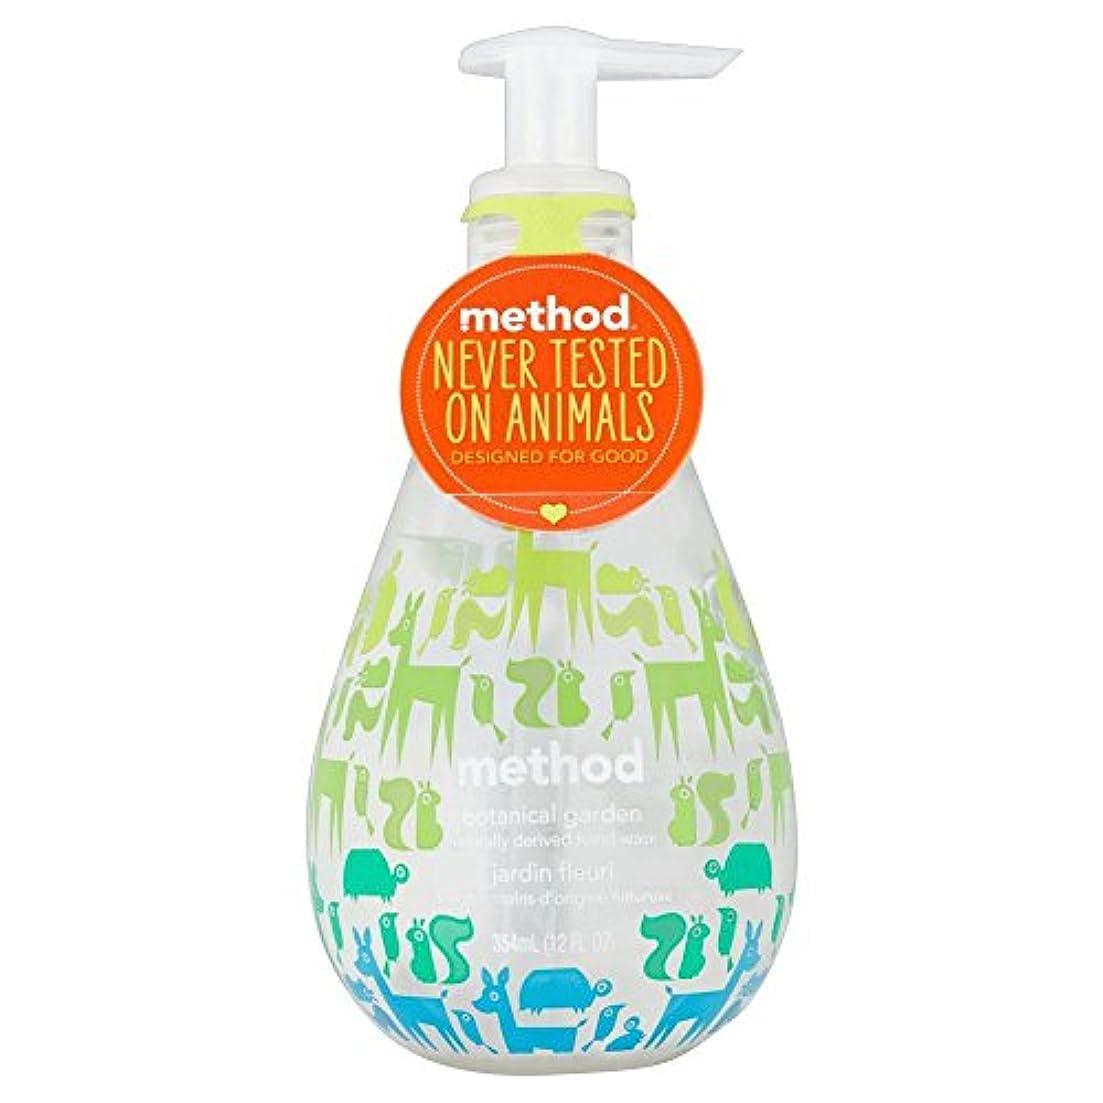 鏡クレア放置Method Hand Wash - Botanical Garden (354ml) メソッドハンドウォッシュ - 植物園( 354ミリリットル) [並行輸入品]